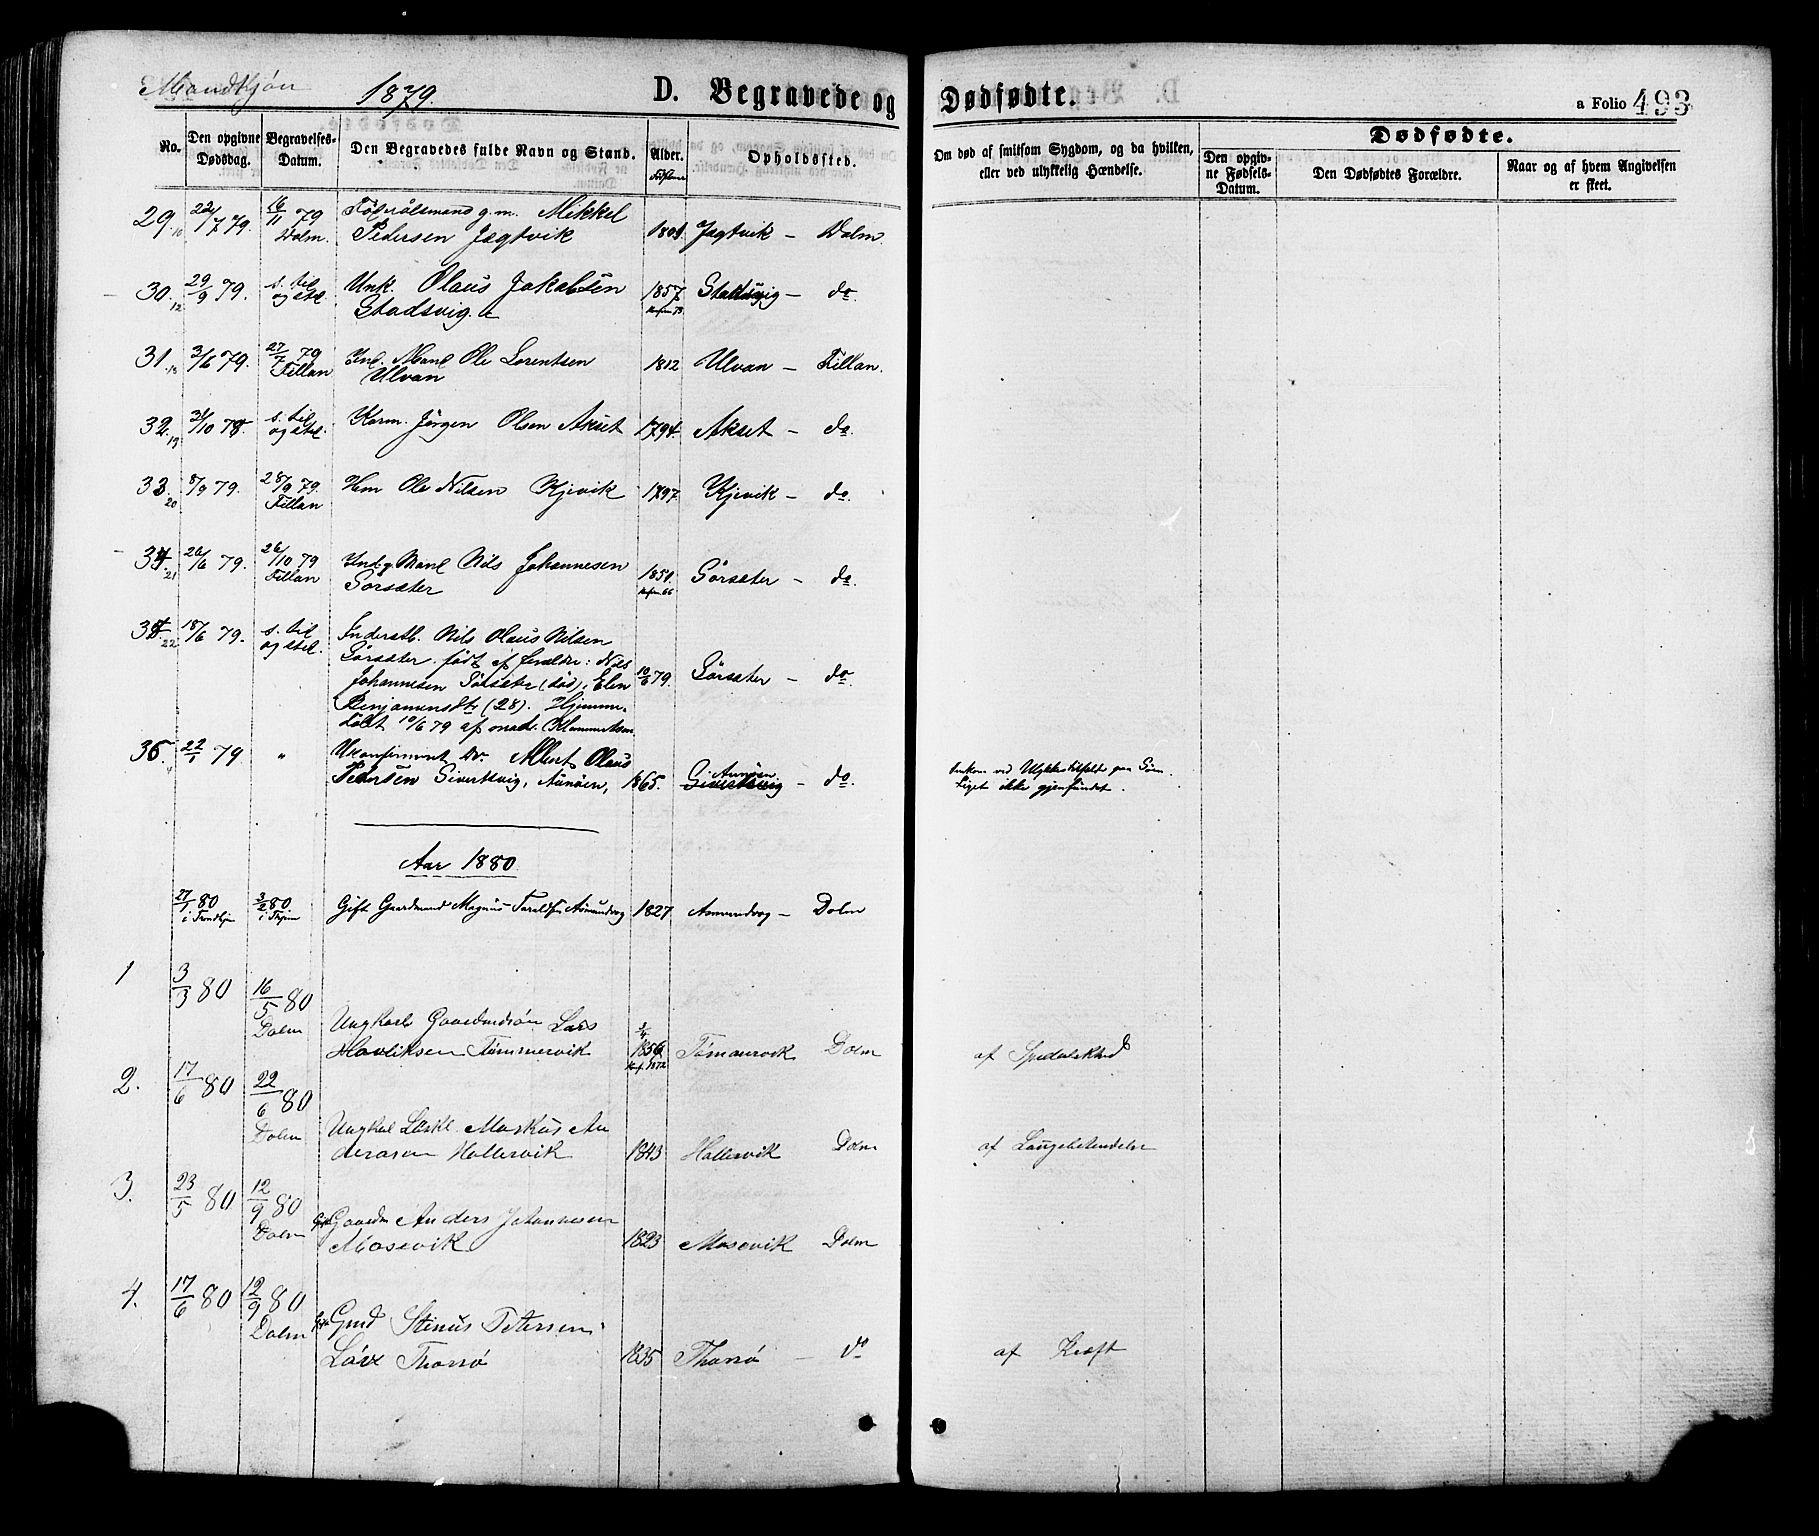 SAT, Ministerialprotokoller, klokkerbøker og fødselsregistre - Sør-Trøndelag, 634/L0532: Ministerialbok nr. 634A08, 1871-1881, s. 493